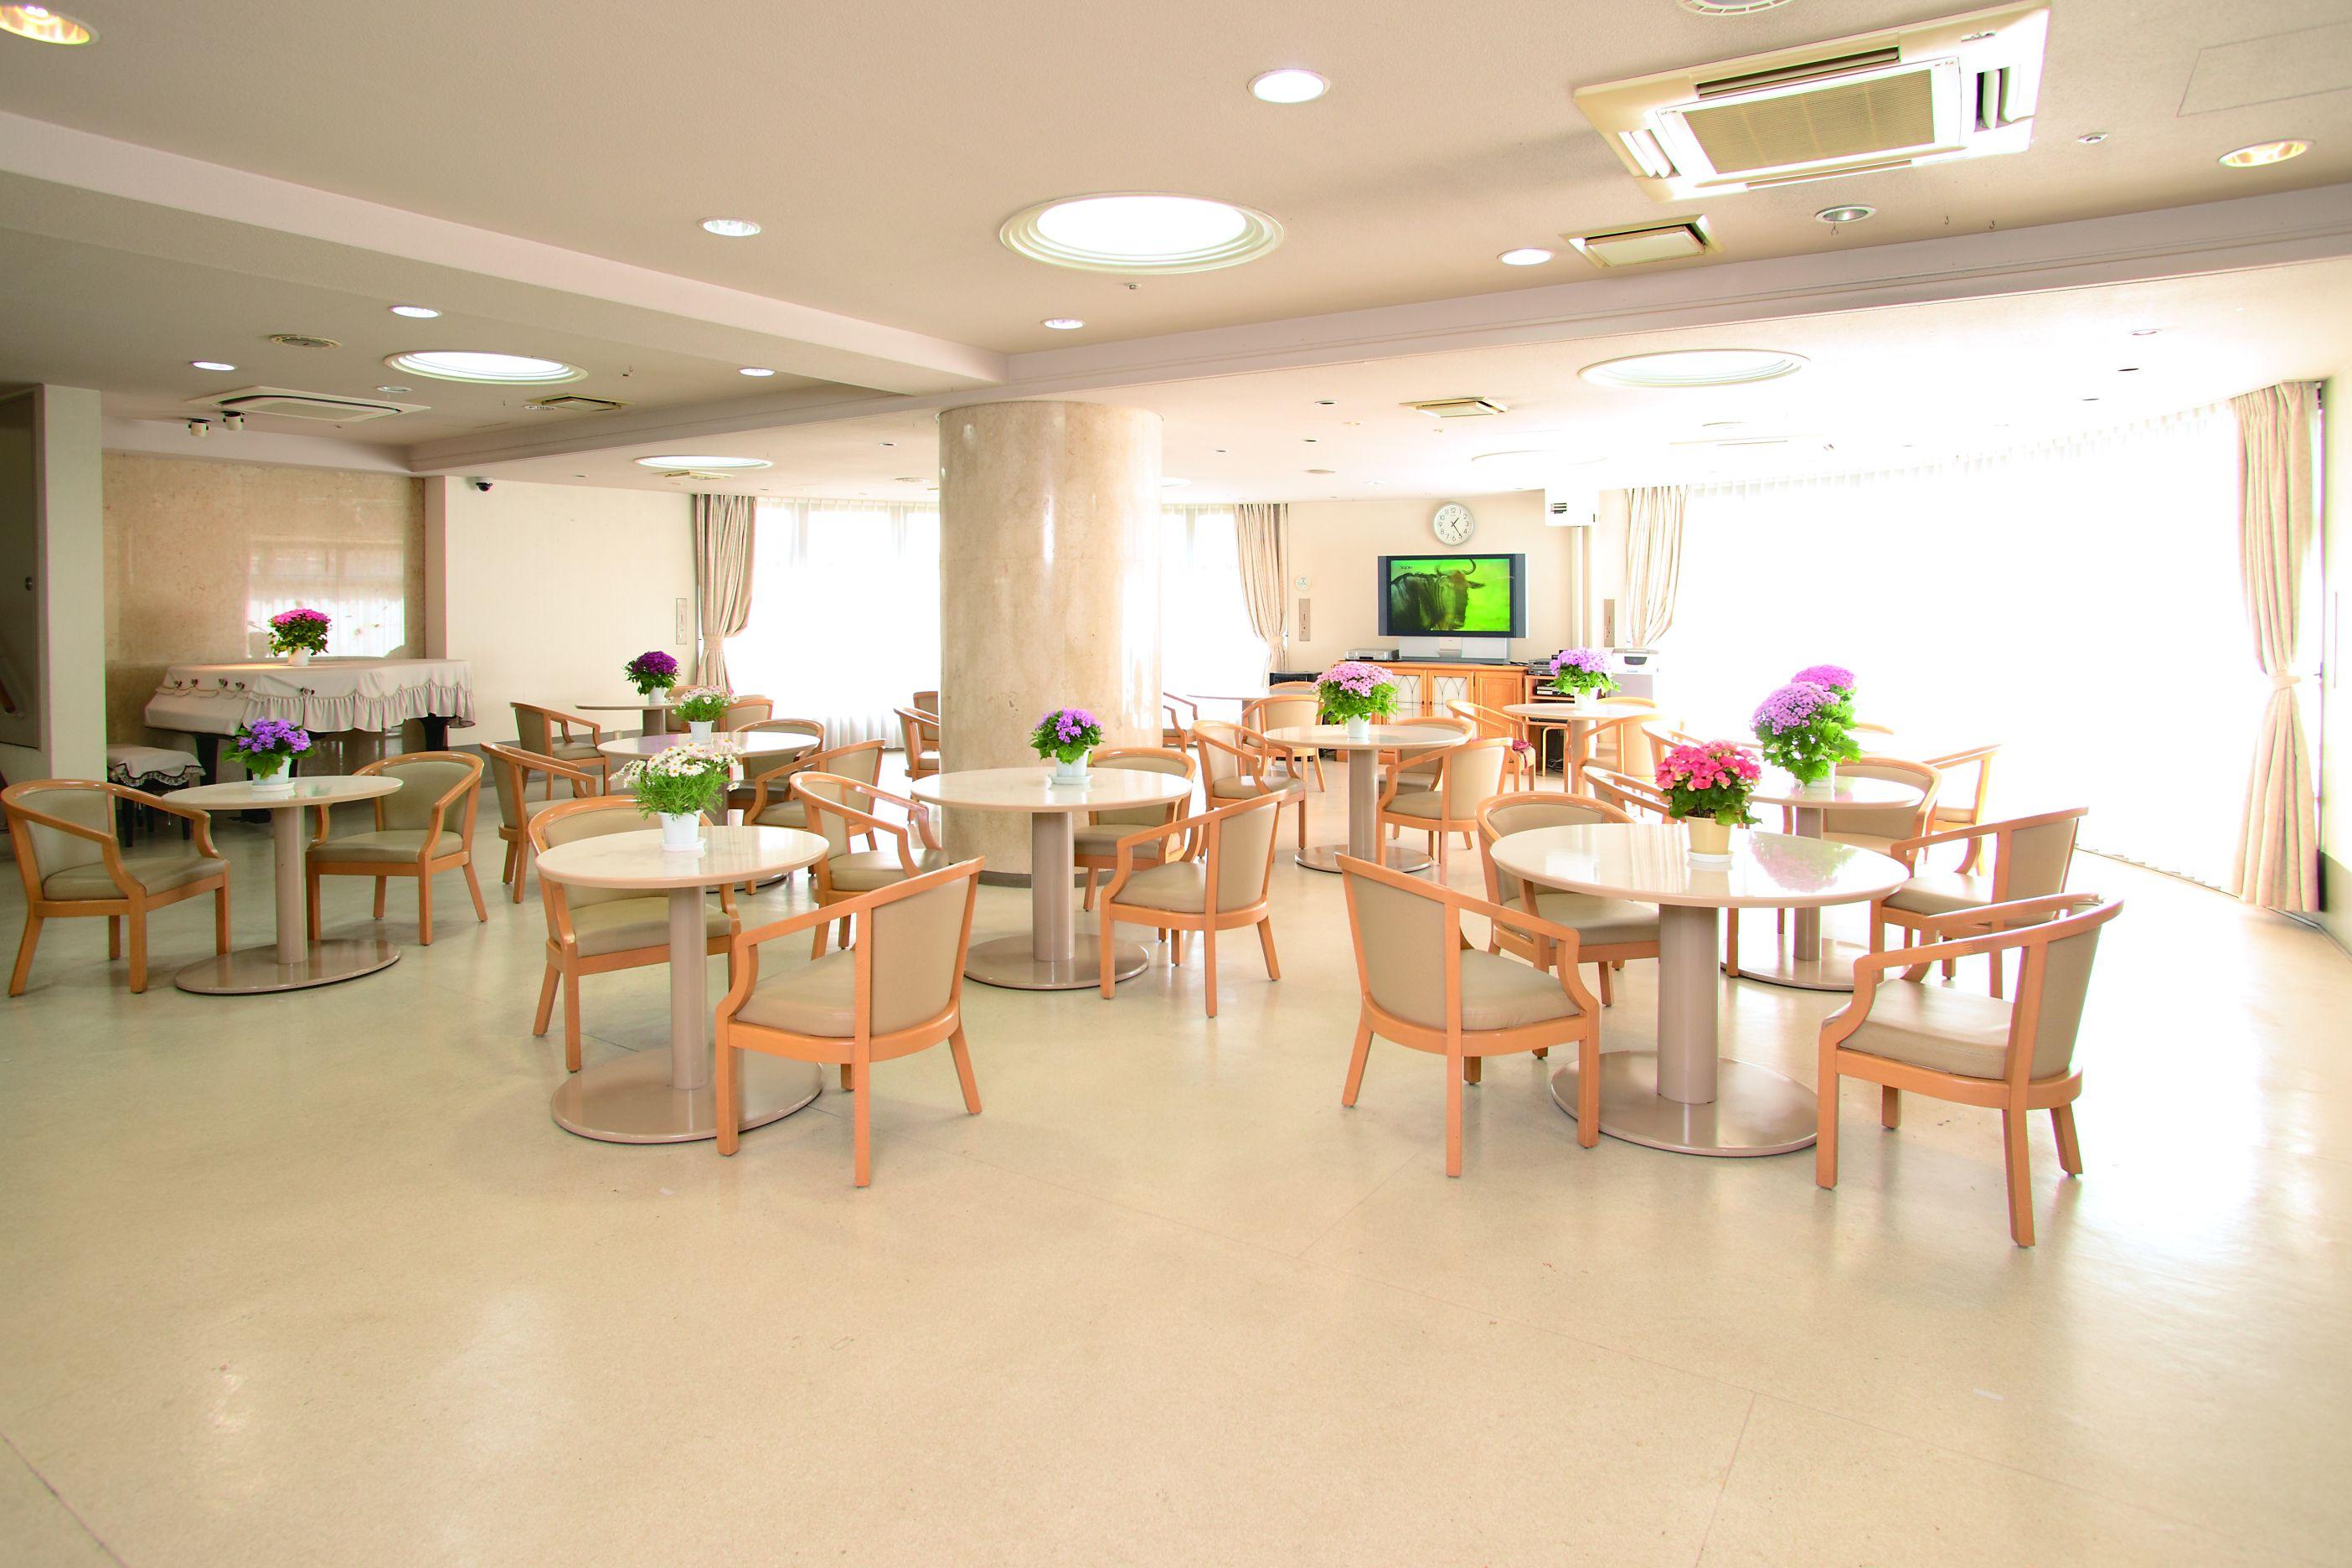 シルバーシティ石神井北館の食堂兼用ラウンジ